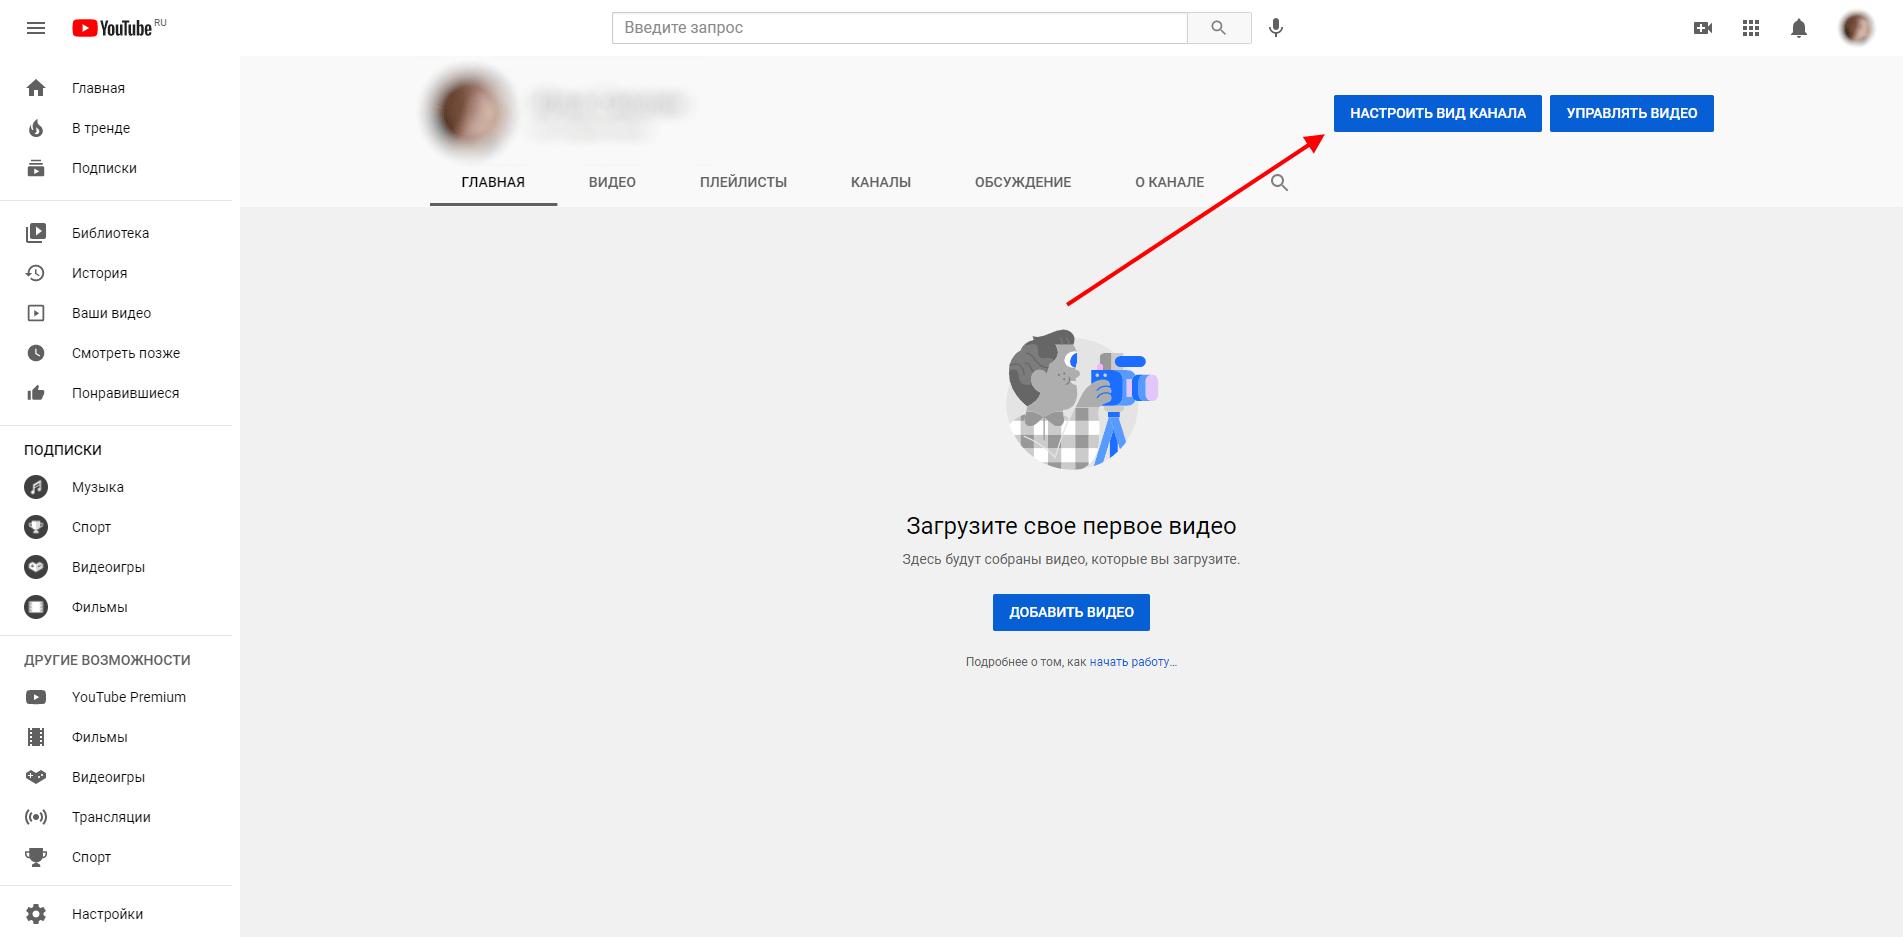 Hoe de koptekst op YouTube te veranderen